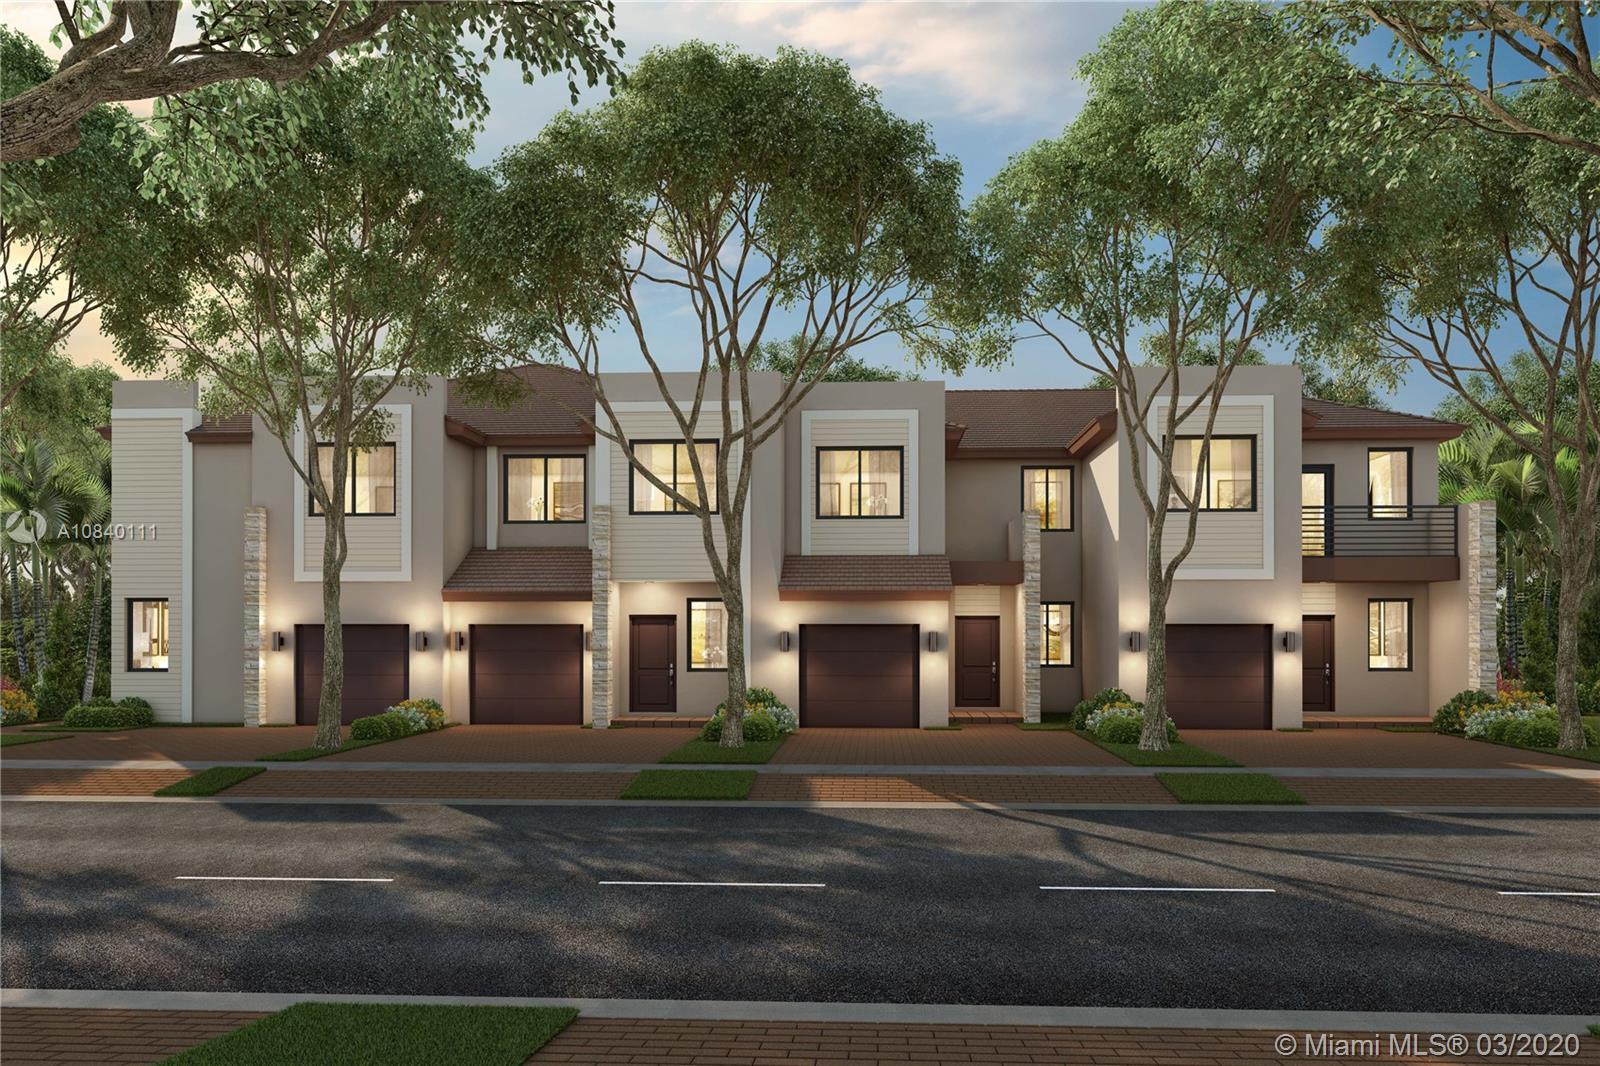 21325 NE 2 CT, Miami, FL 33179 - Miami, FL real estate listing